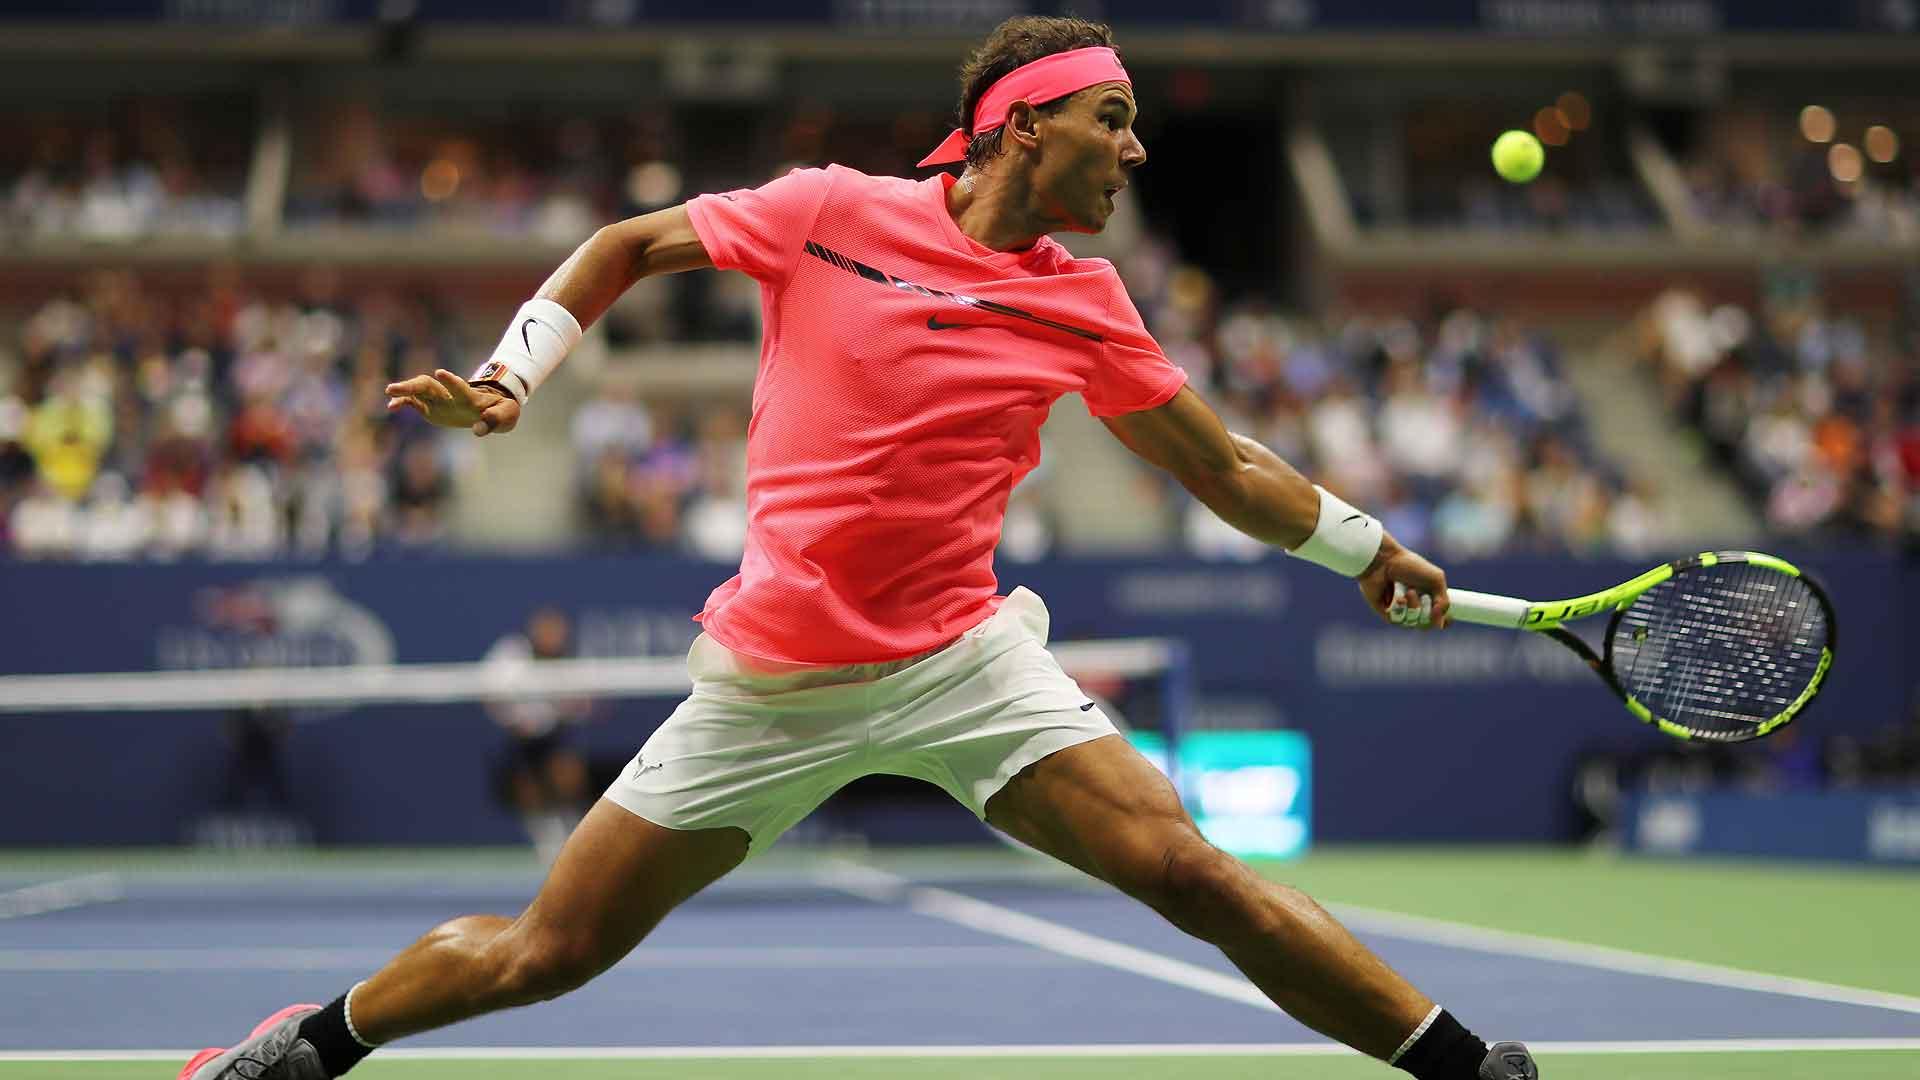 Nadal Federer In Us Open Thursday Action Atp Tour Tennis